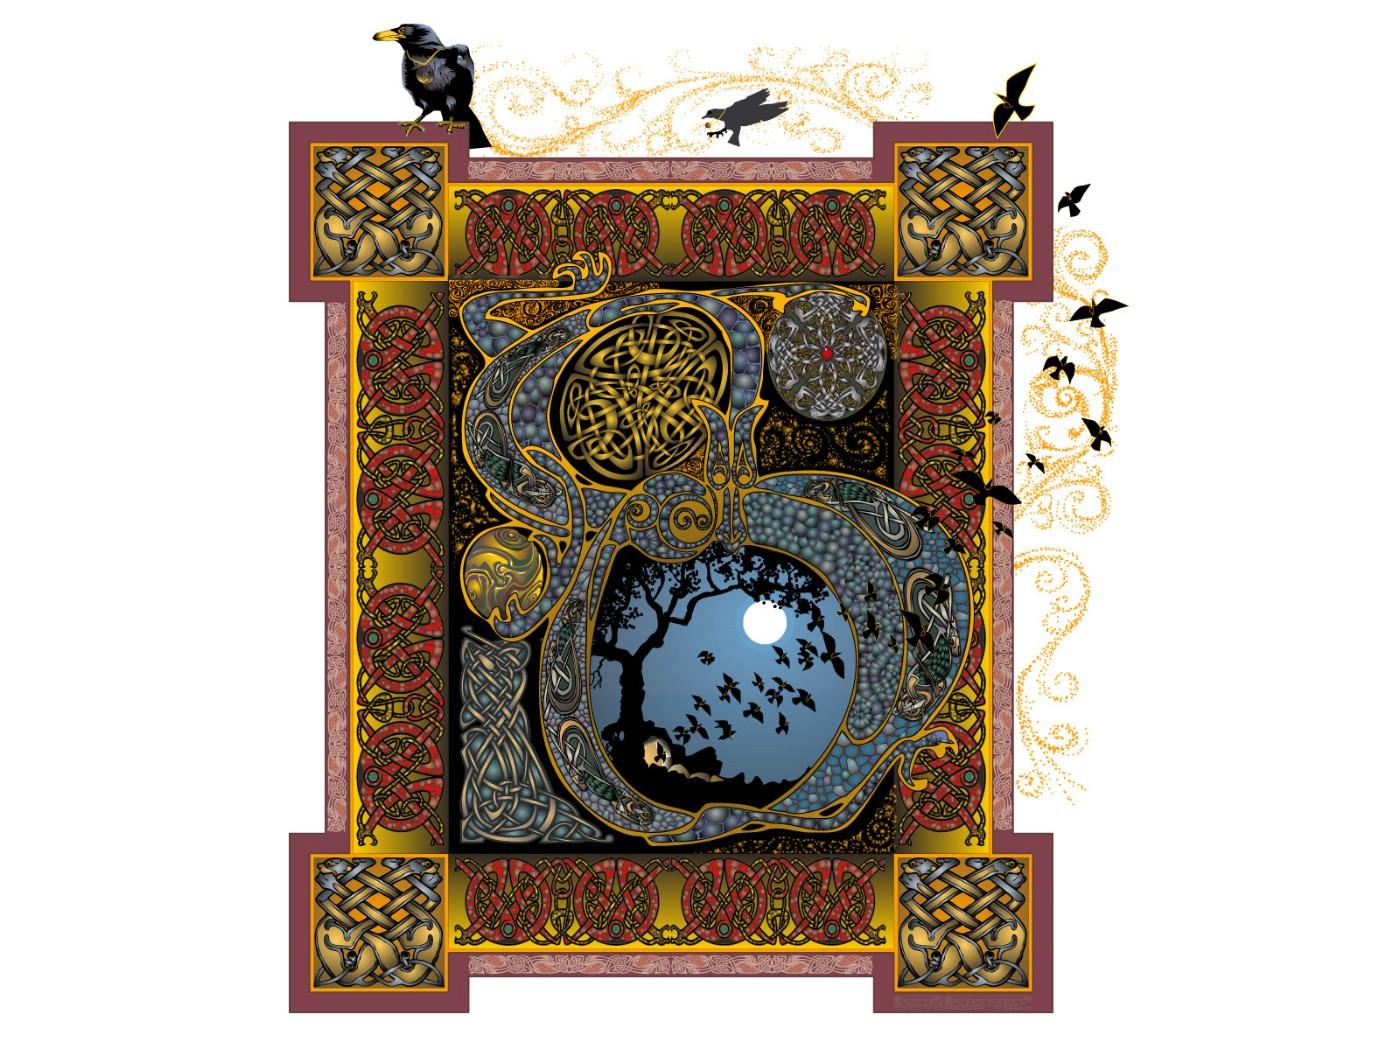 壁纸1400×1050矢量精品欣赏 1 10壁纸 矢量其他 矢量精品欣赏 第一辑壁纸图片矢量壁纸矢量图片素材桌面壁纸